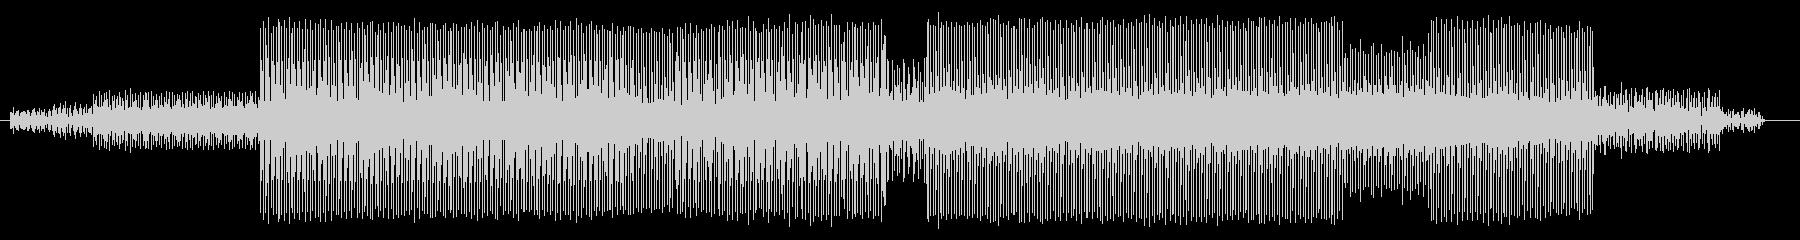 パッドサウンドがクールなテクノの未再生の波形